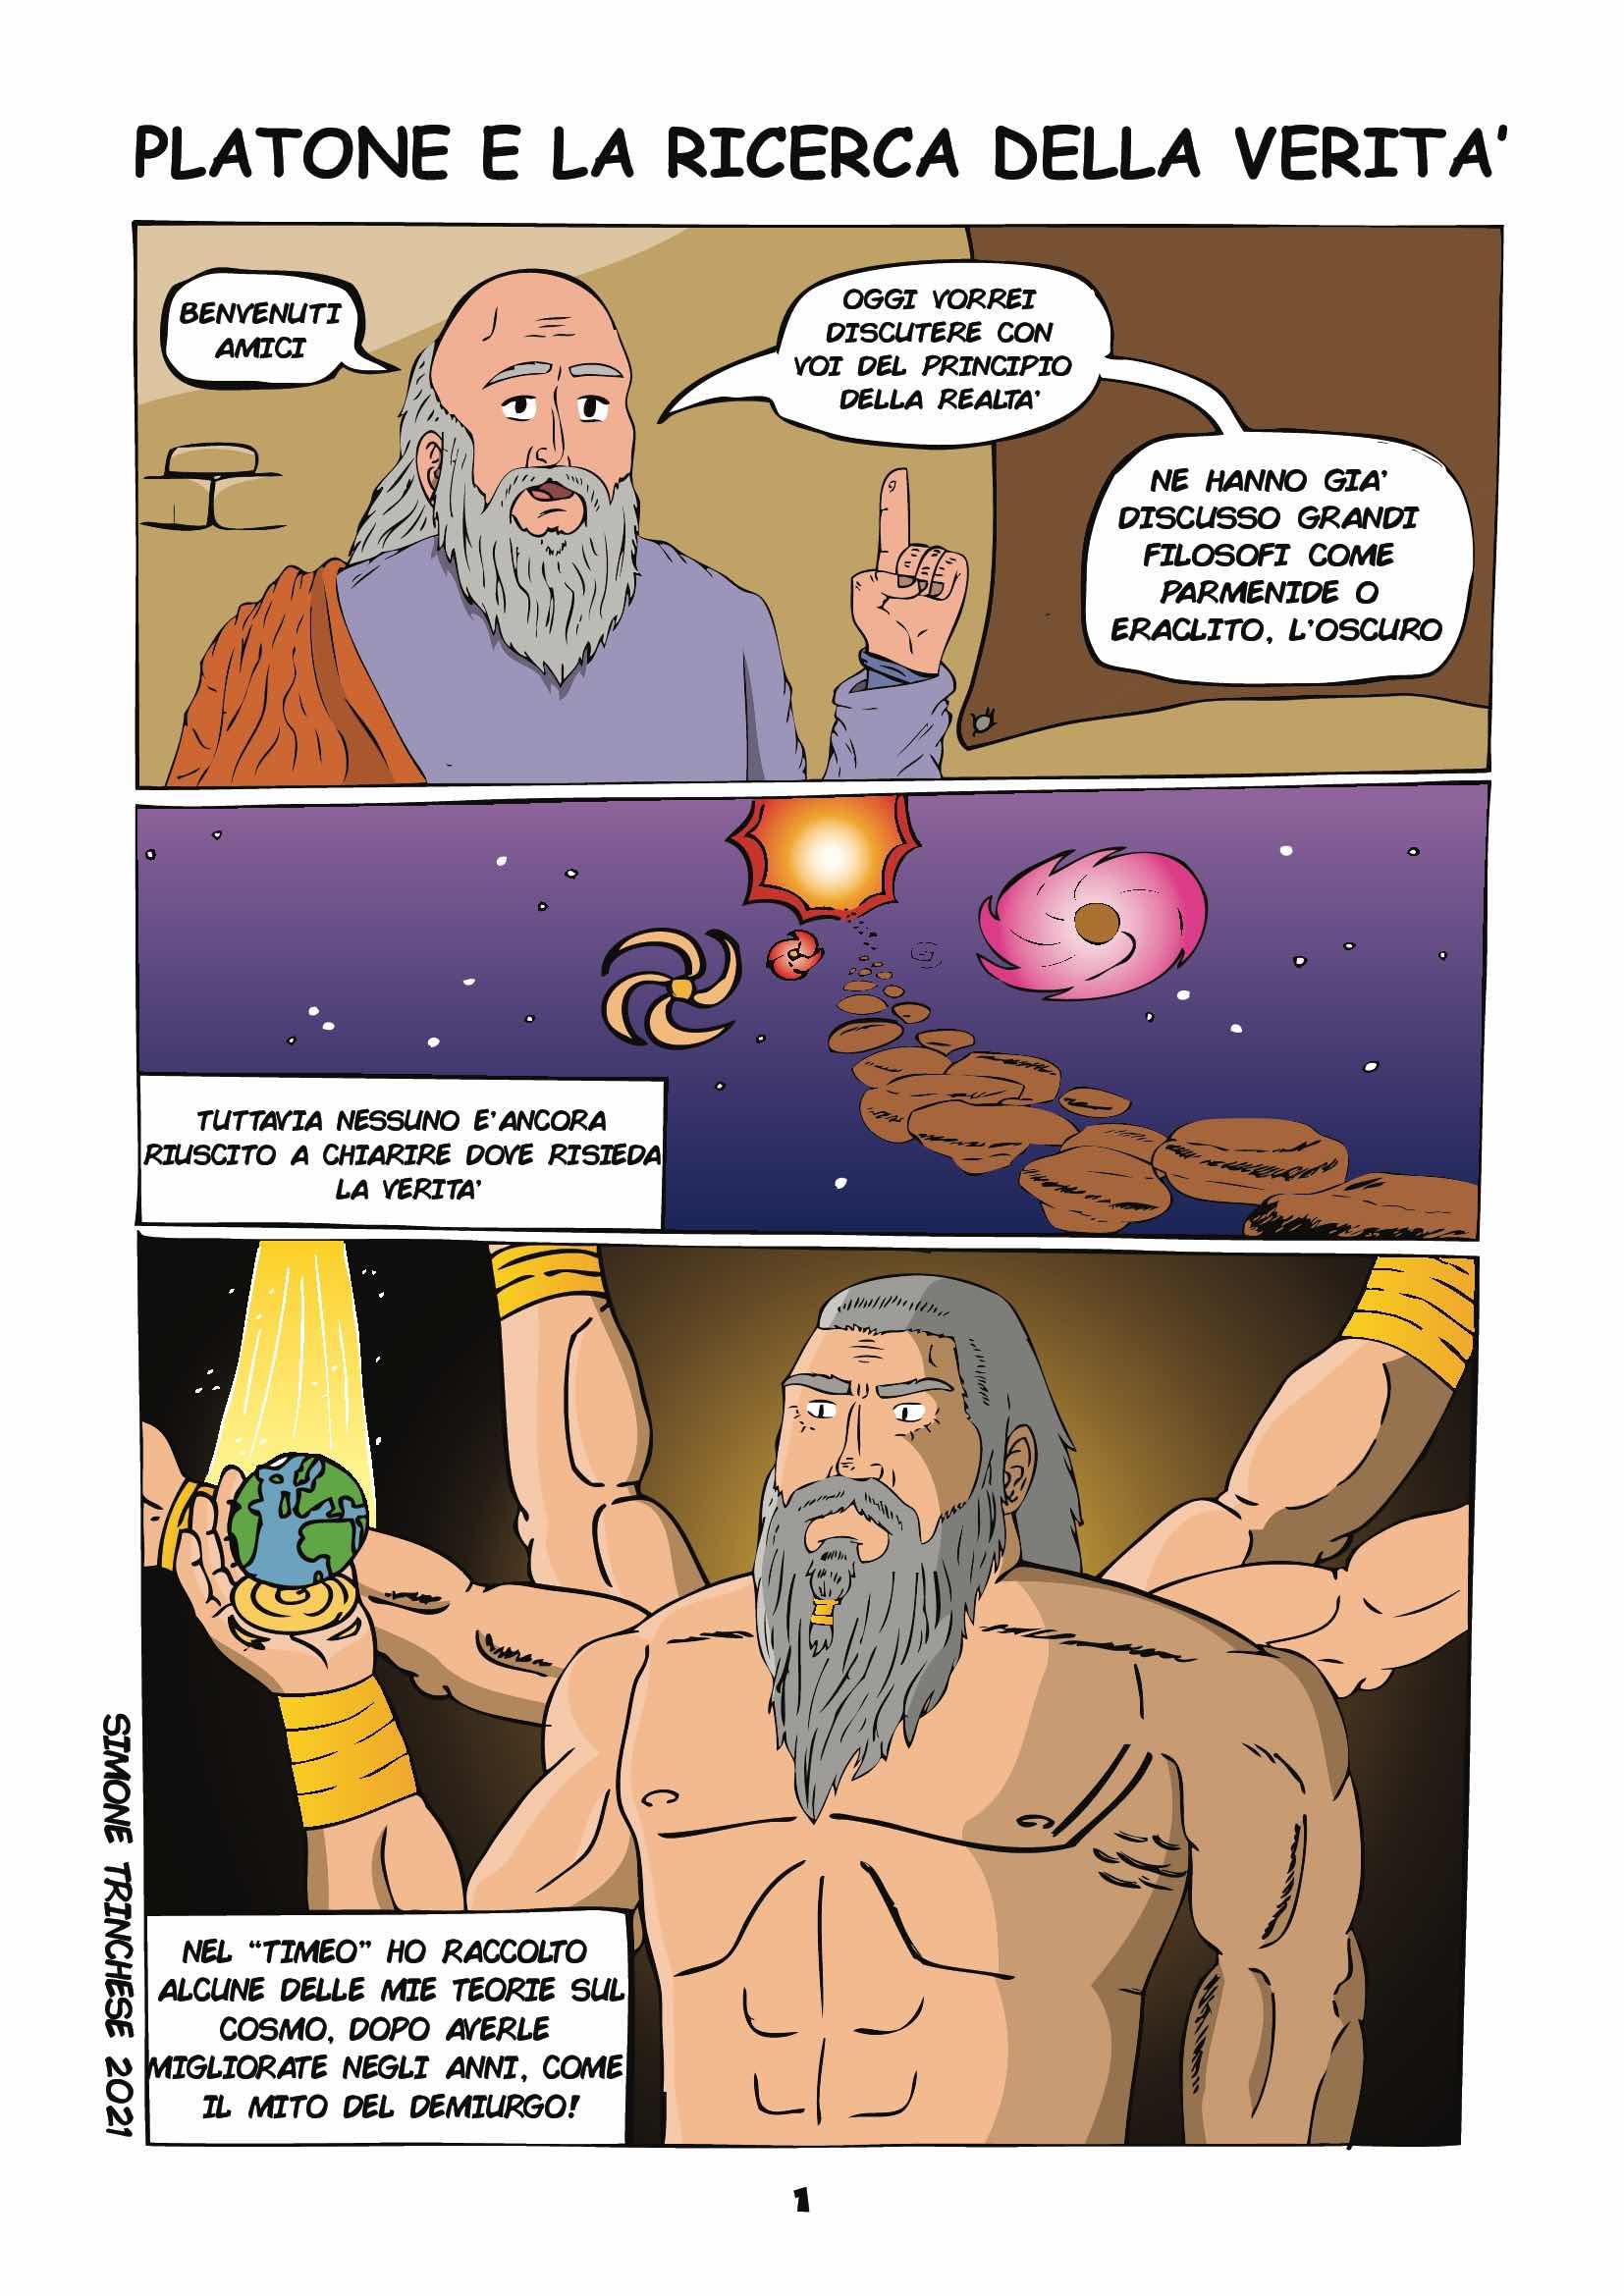 Platone e la Ricerca della Verità